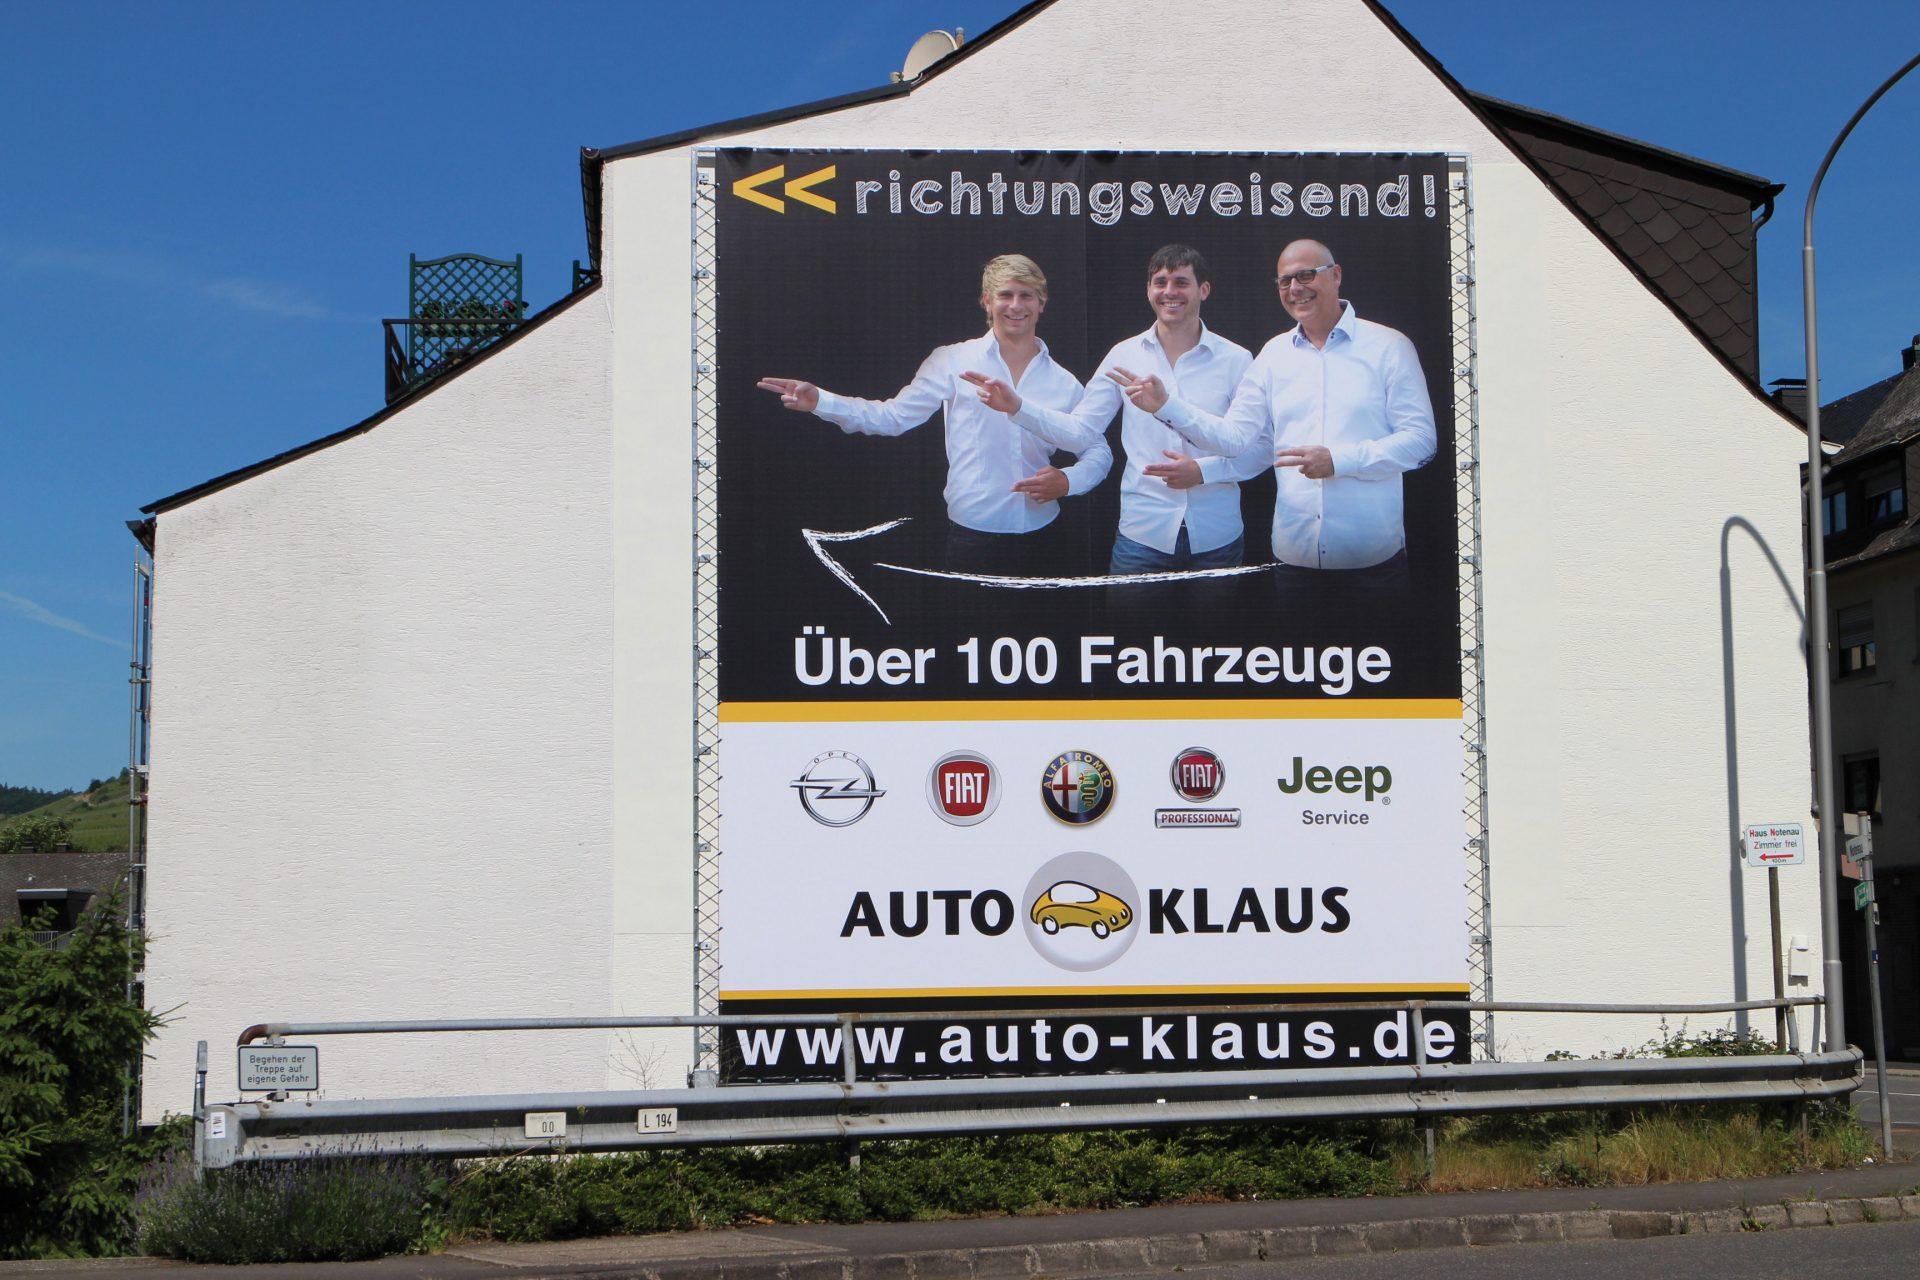 Auto Klaus Zell Mosel Aussenwerbung an Wand